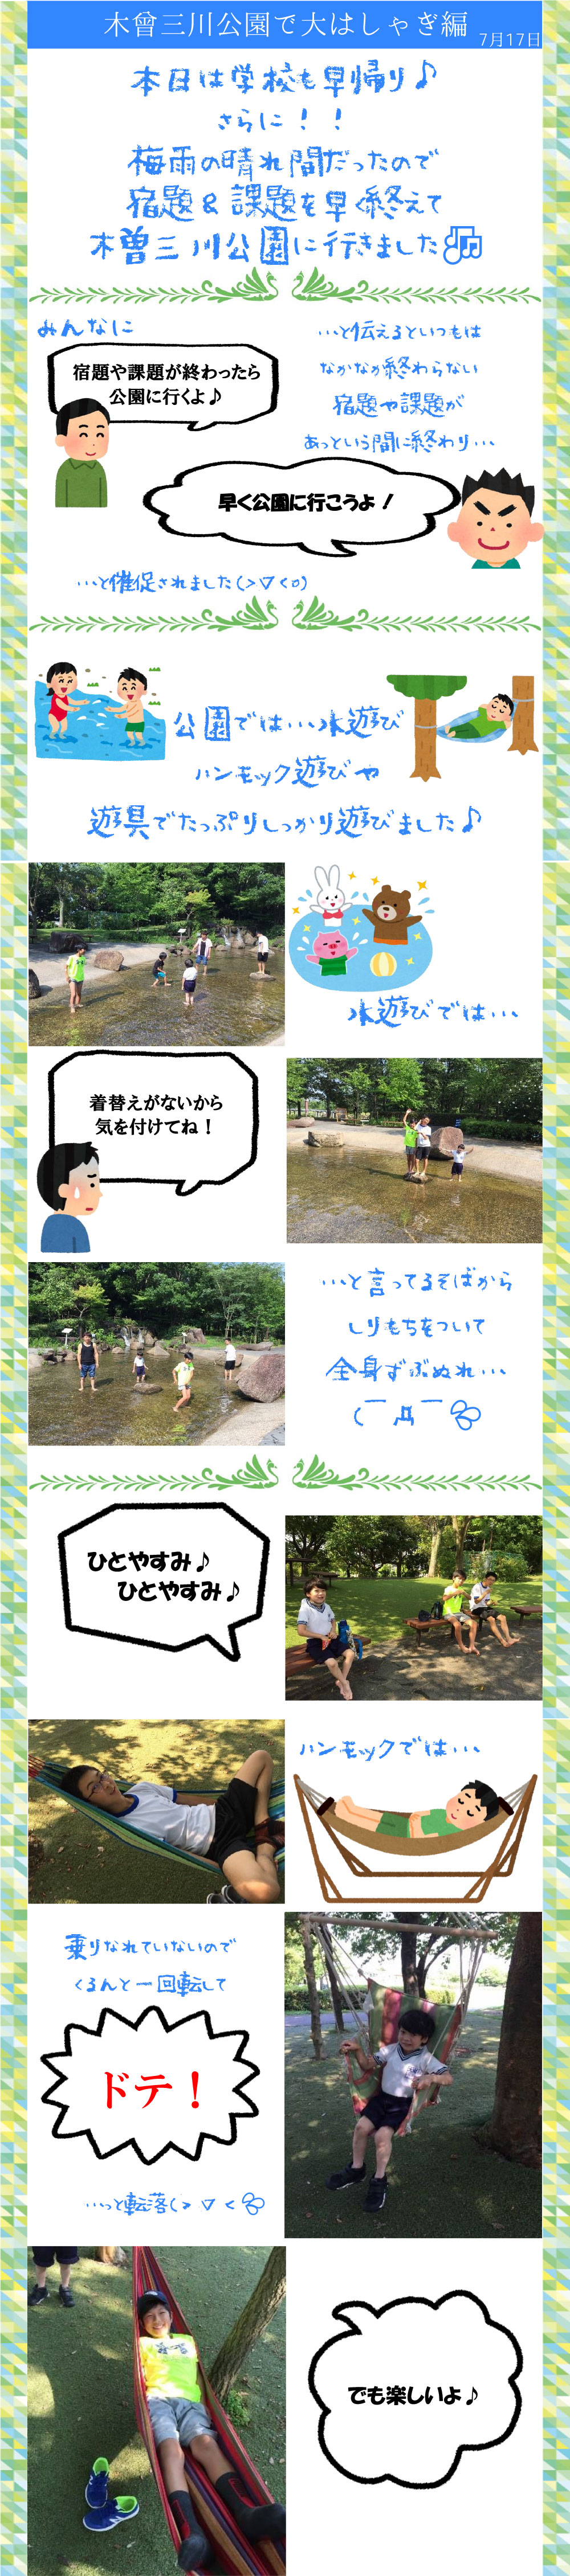 木曾三川公園01画像